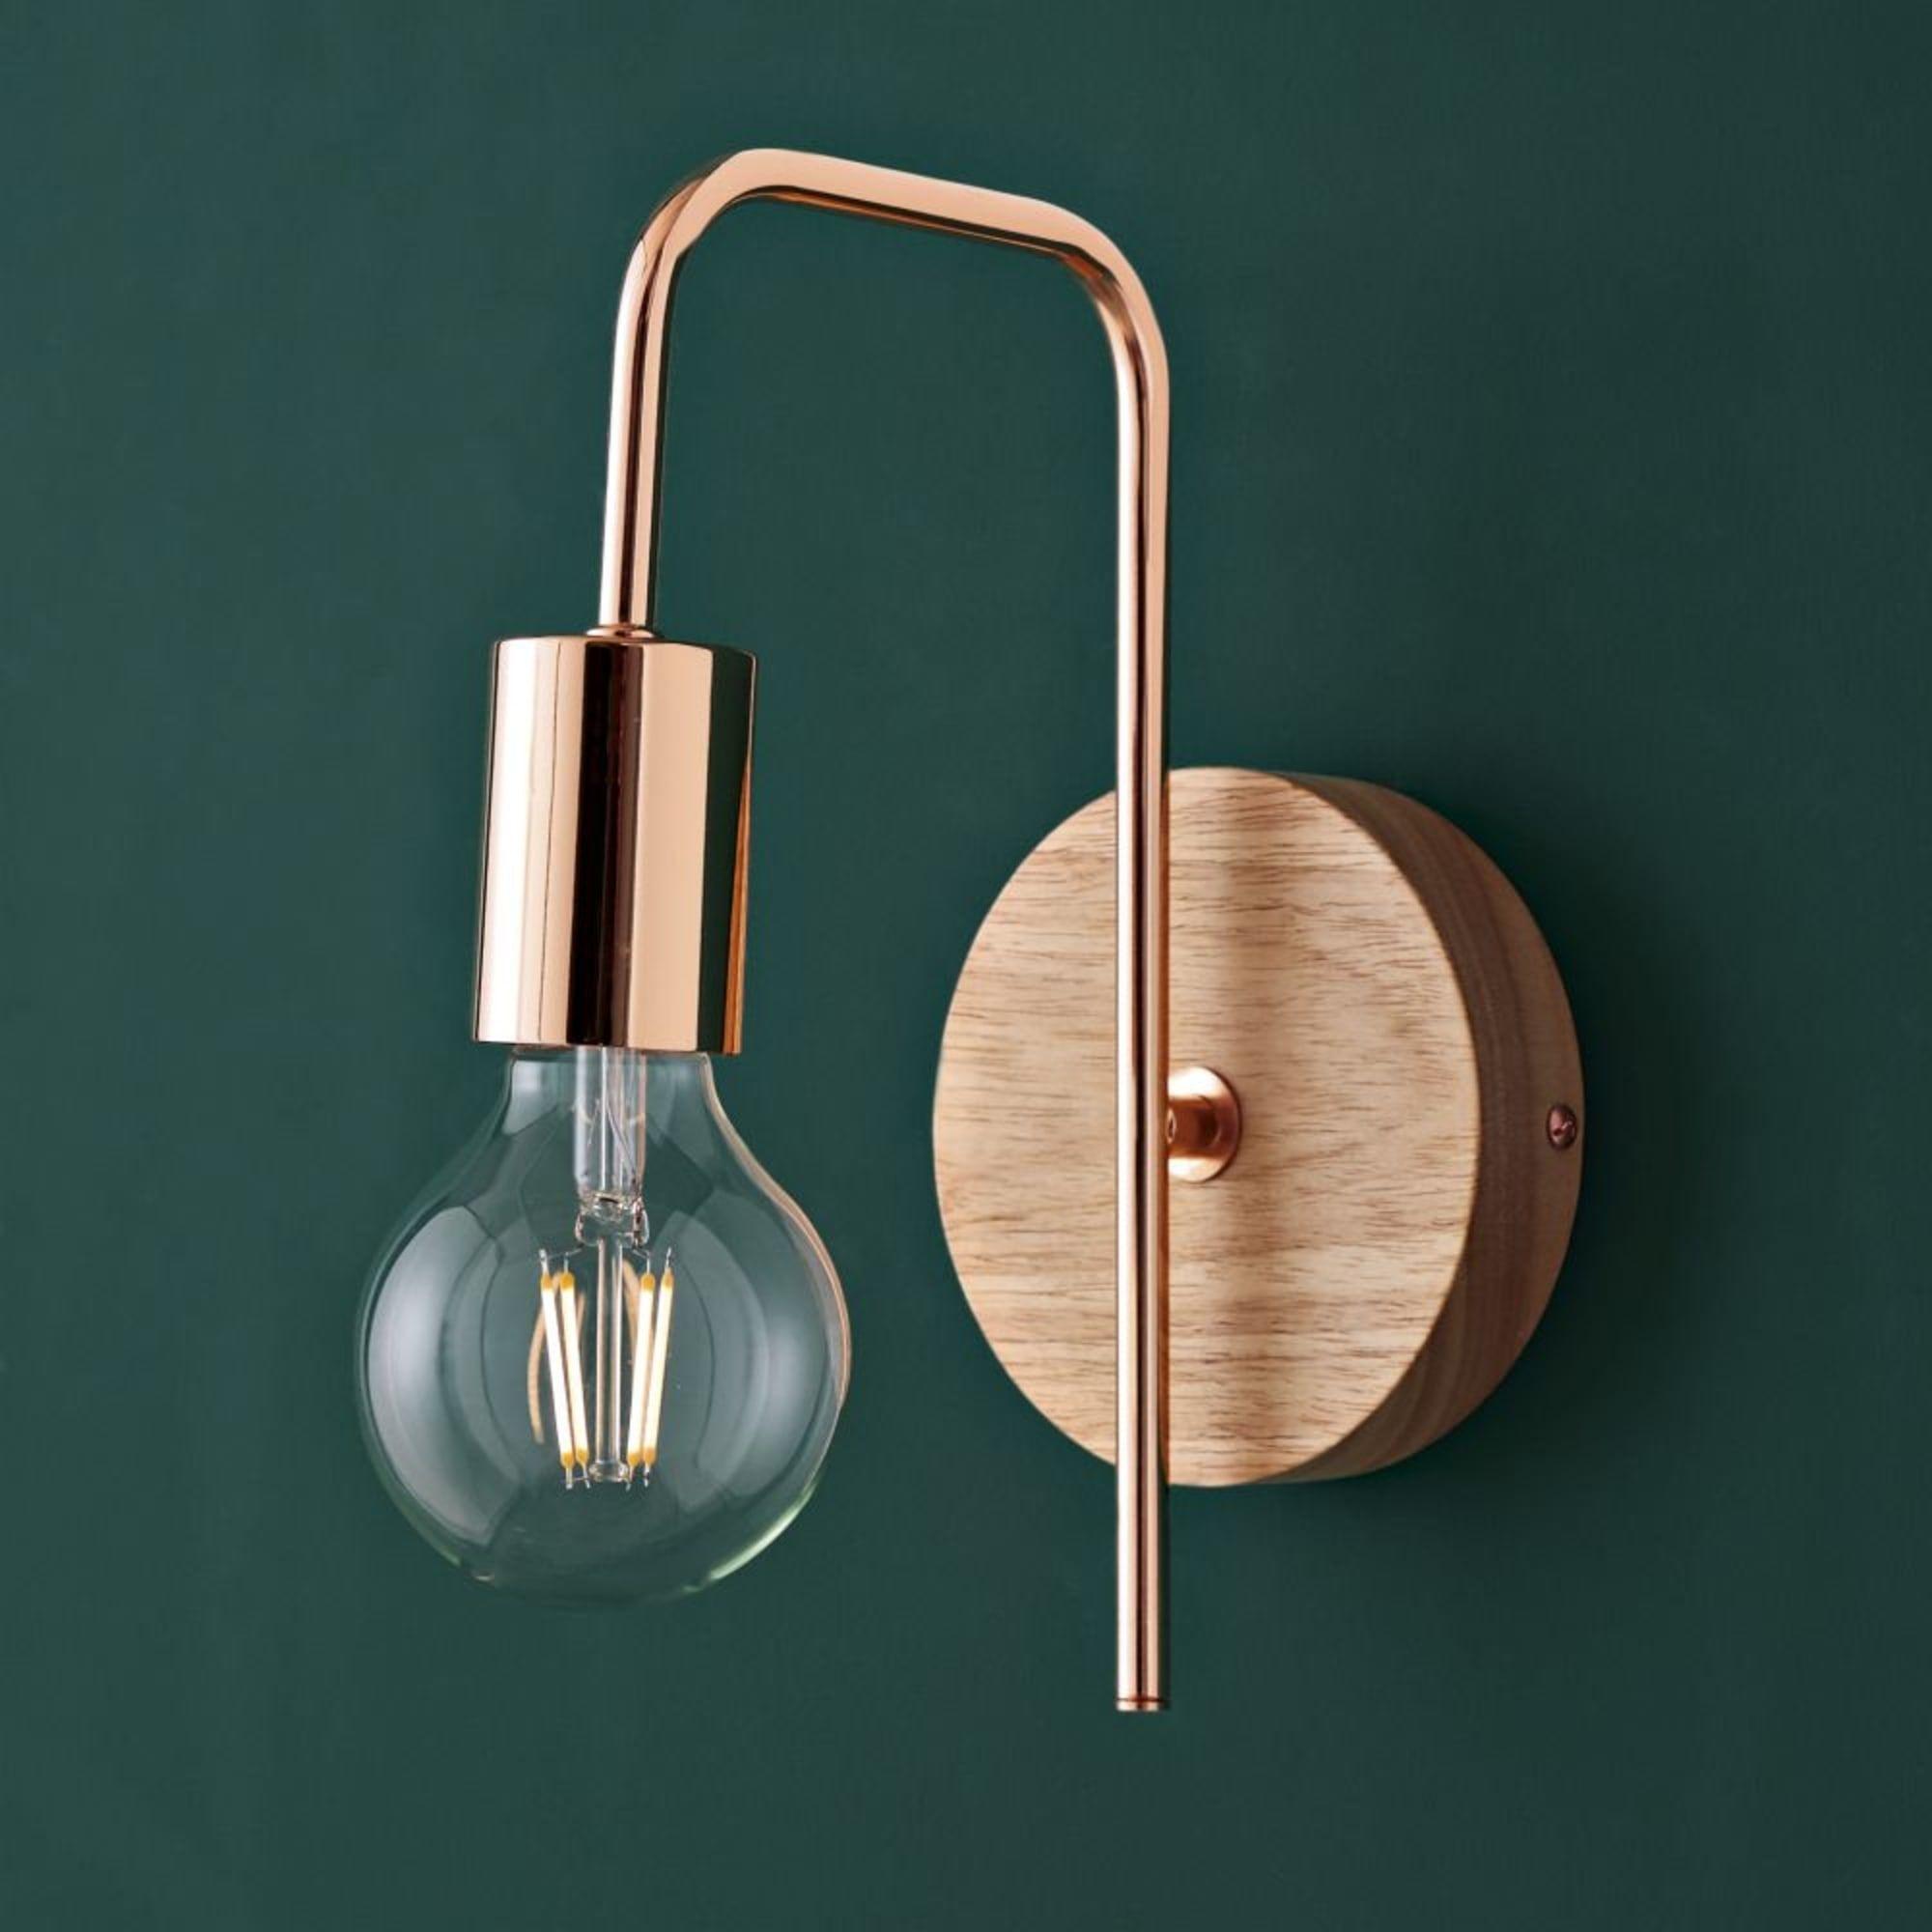 Wandleuchte Im Industrial Stil Aus Kupferfarbenem Metall Und Kautschukbaum Kobe Maisons Du Monde Wandleuchte Nachtbeleuchtung Schlafzimmer Lampe